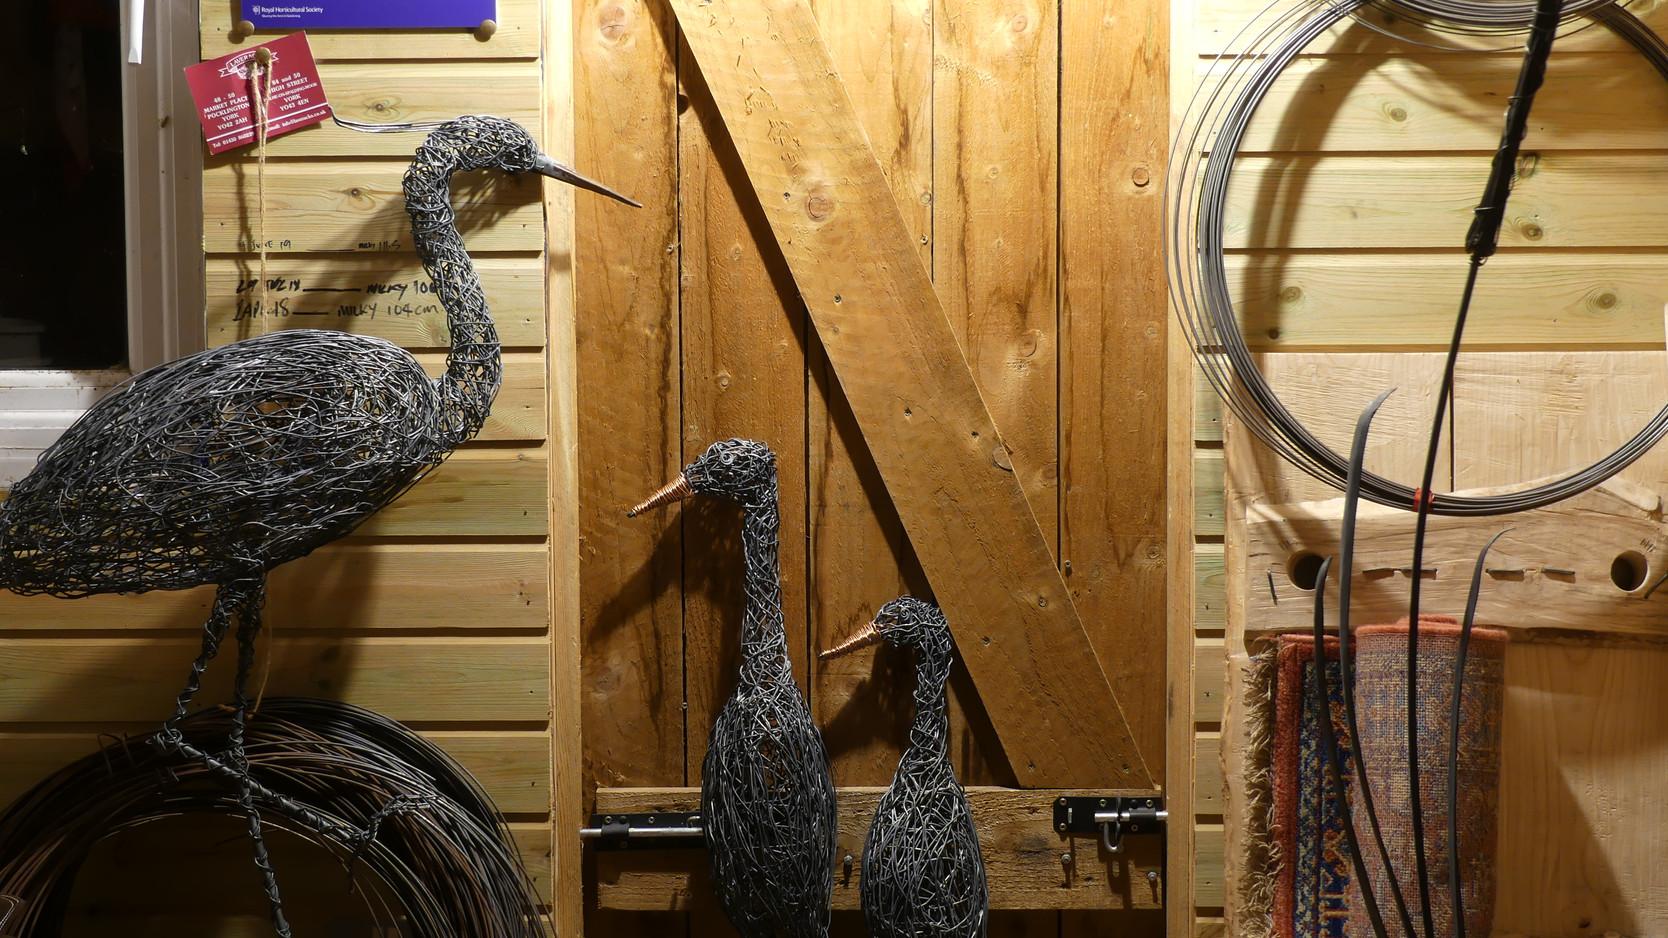 Runner Ducks and Heron